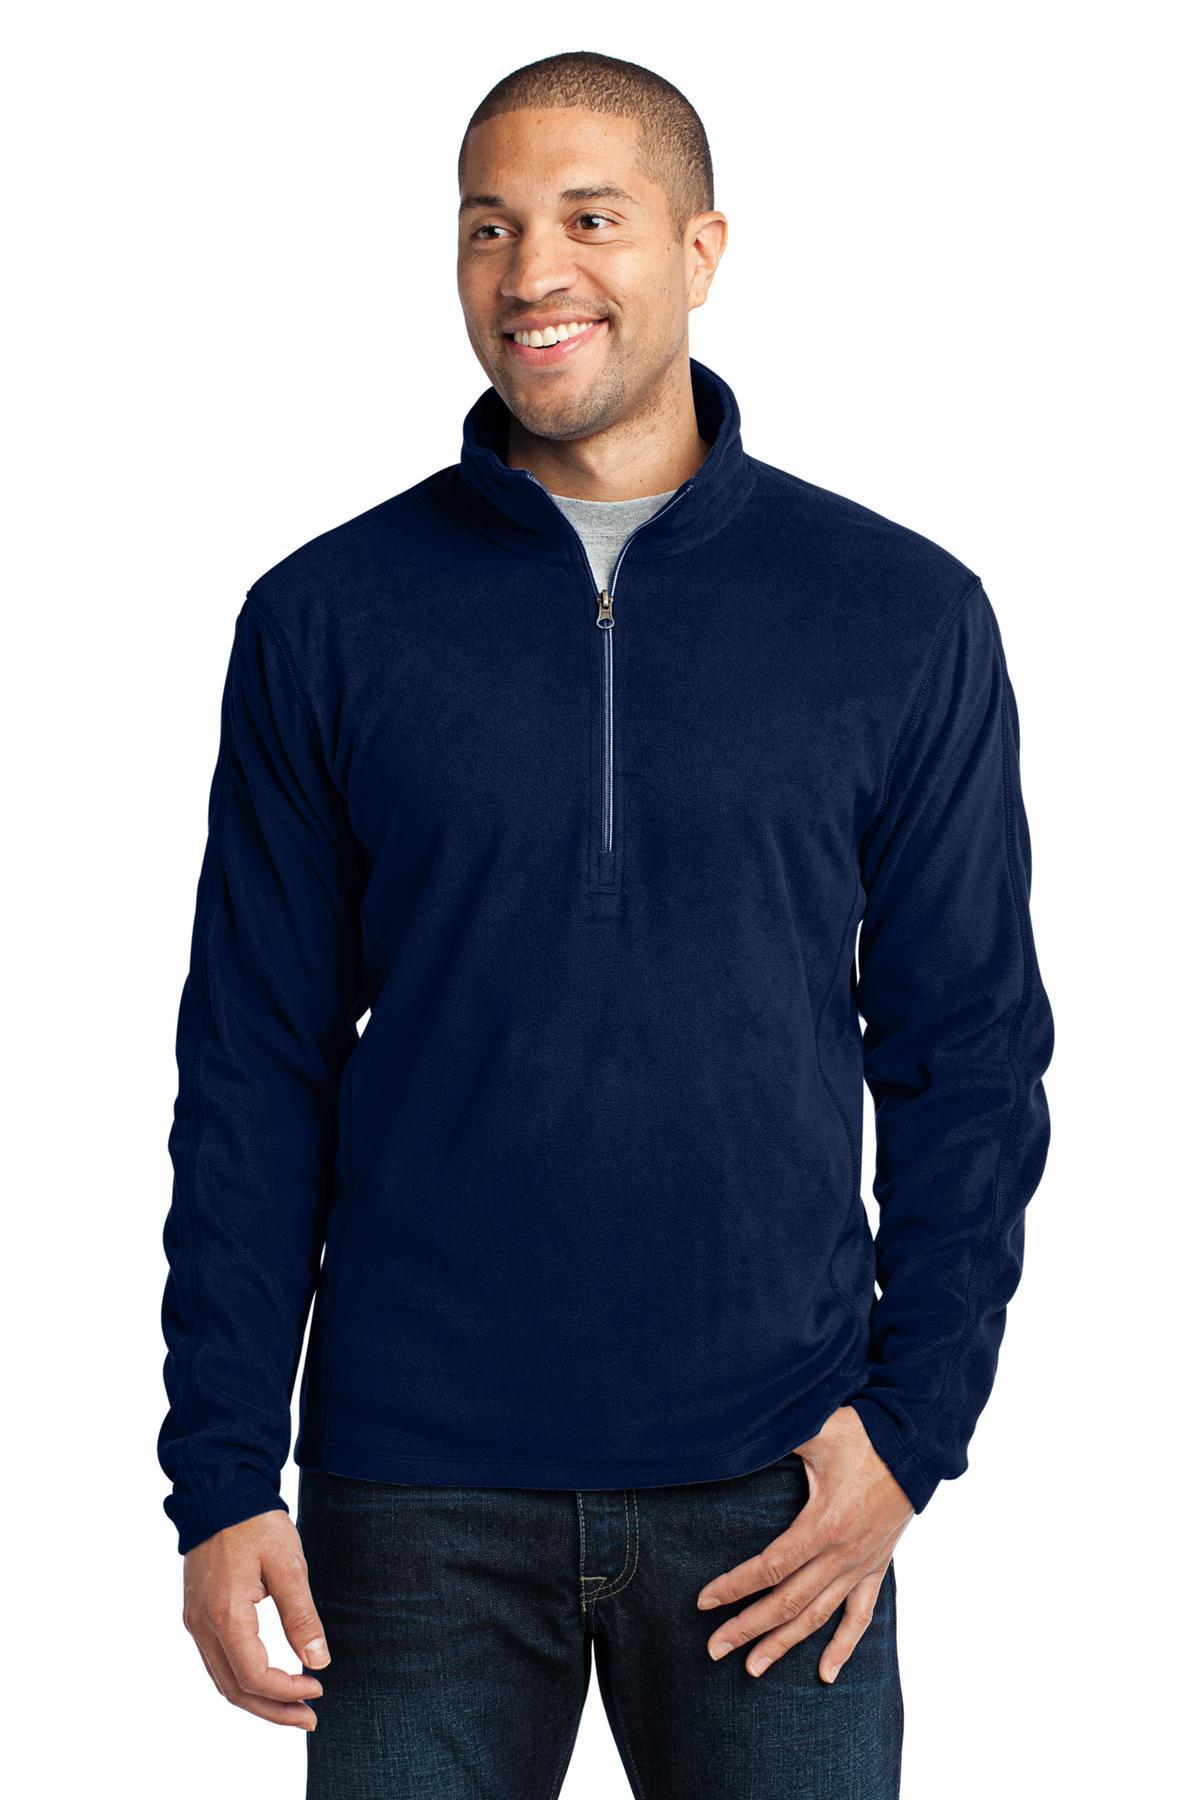 Outerwear-Polyester-Fleece-28